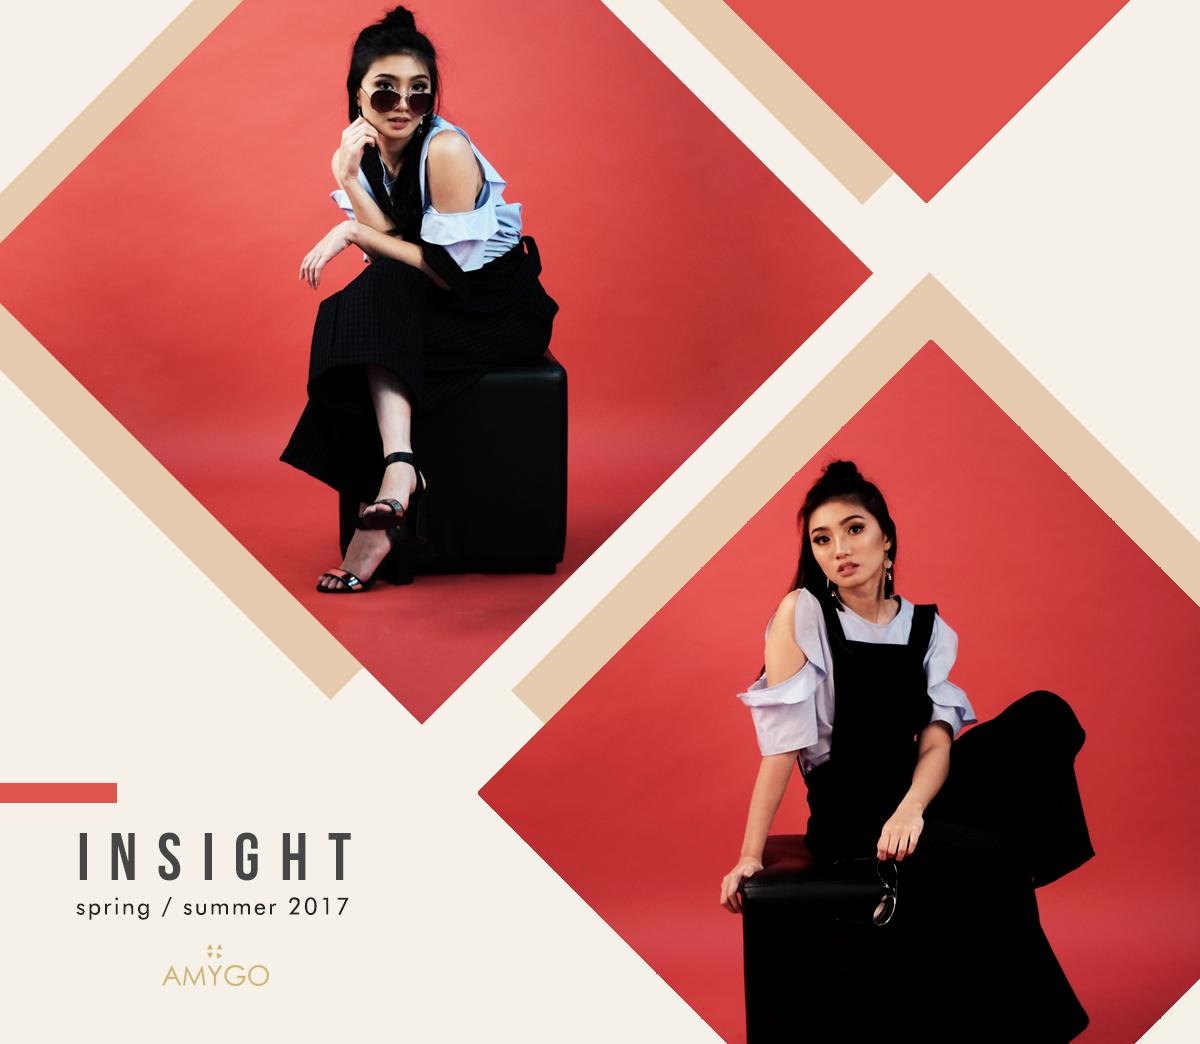 INSIGHT - Spring/ Summer 2017